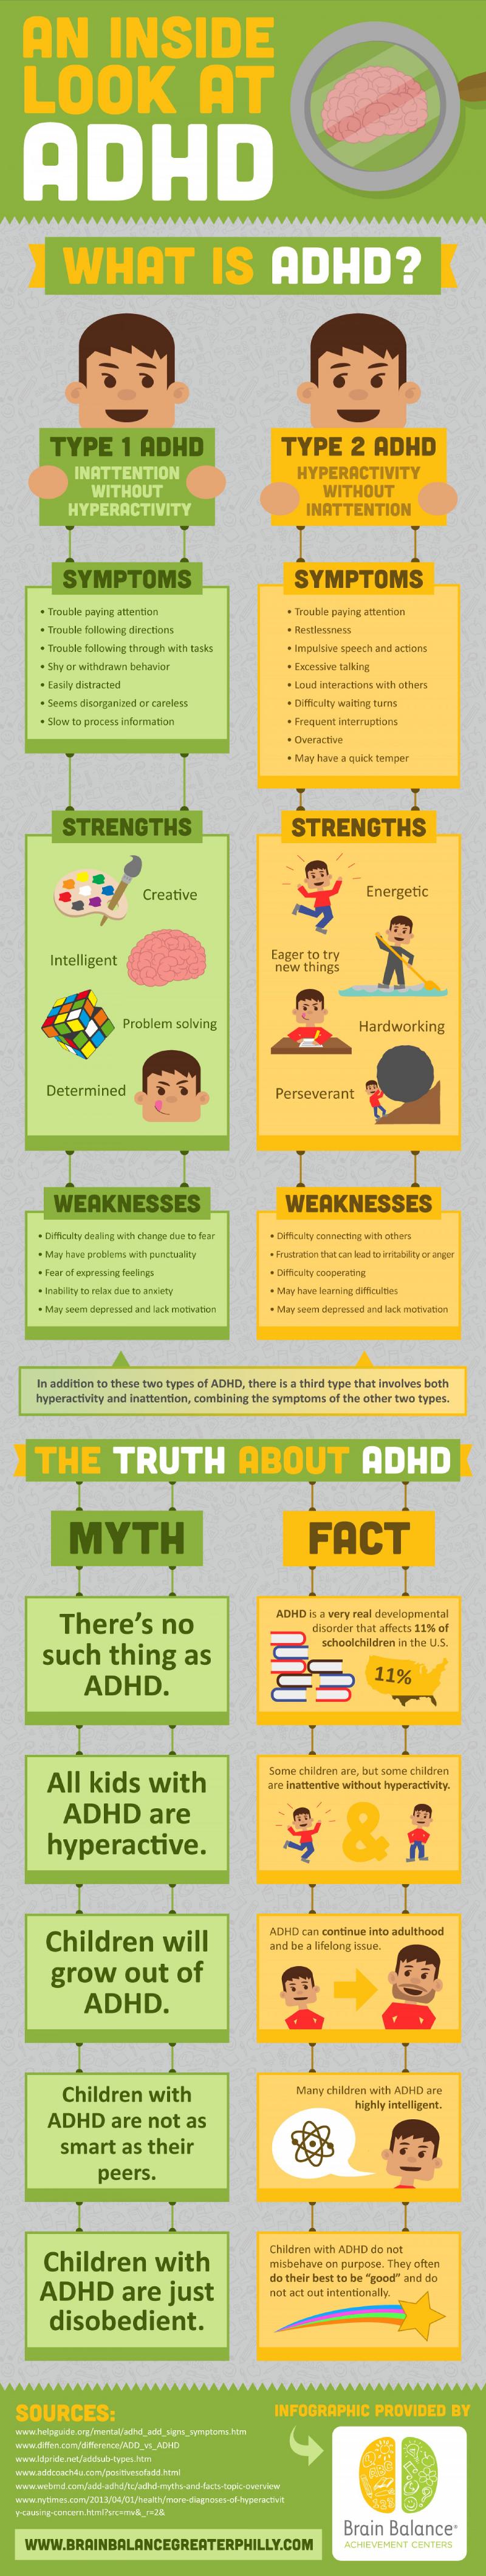 ADHD Statistics